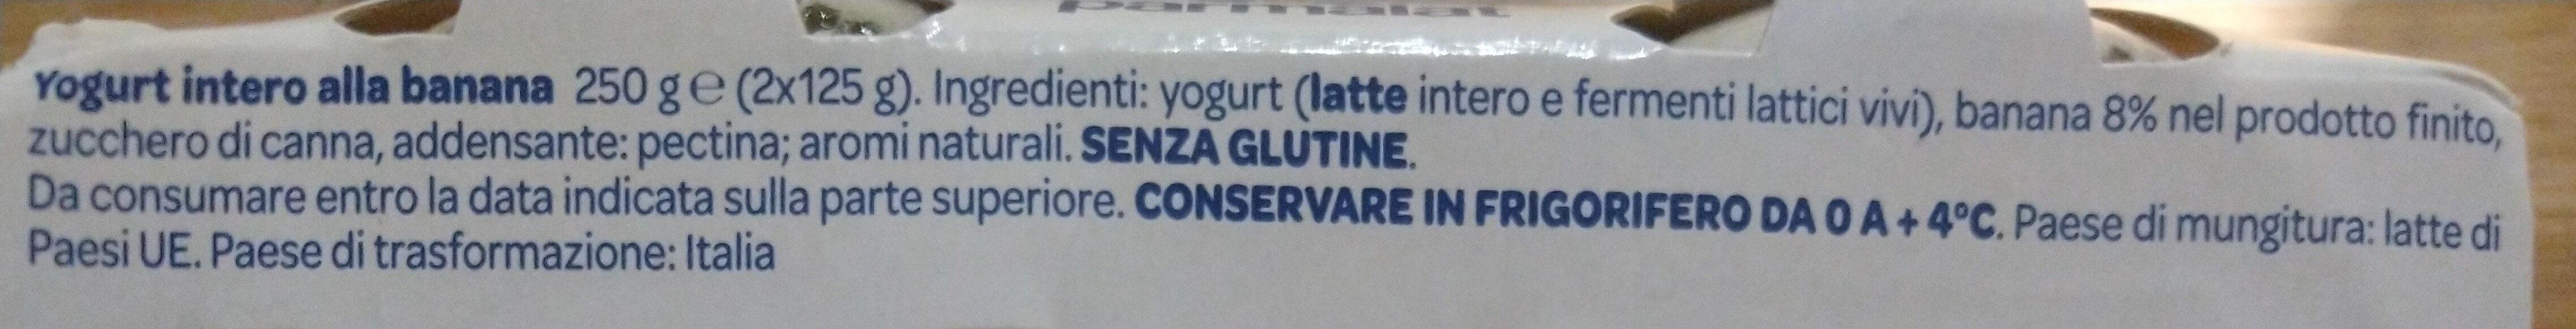 yogurt intero banana - Ingrédients - it